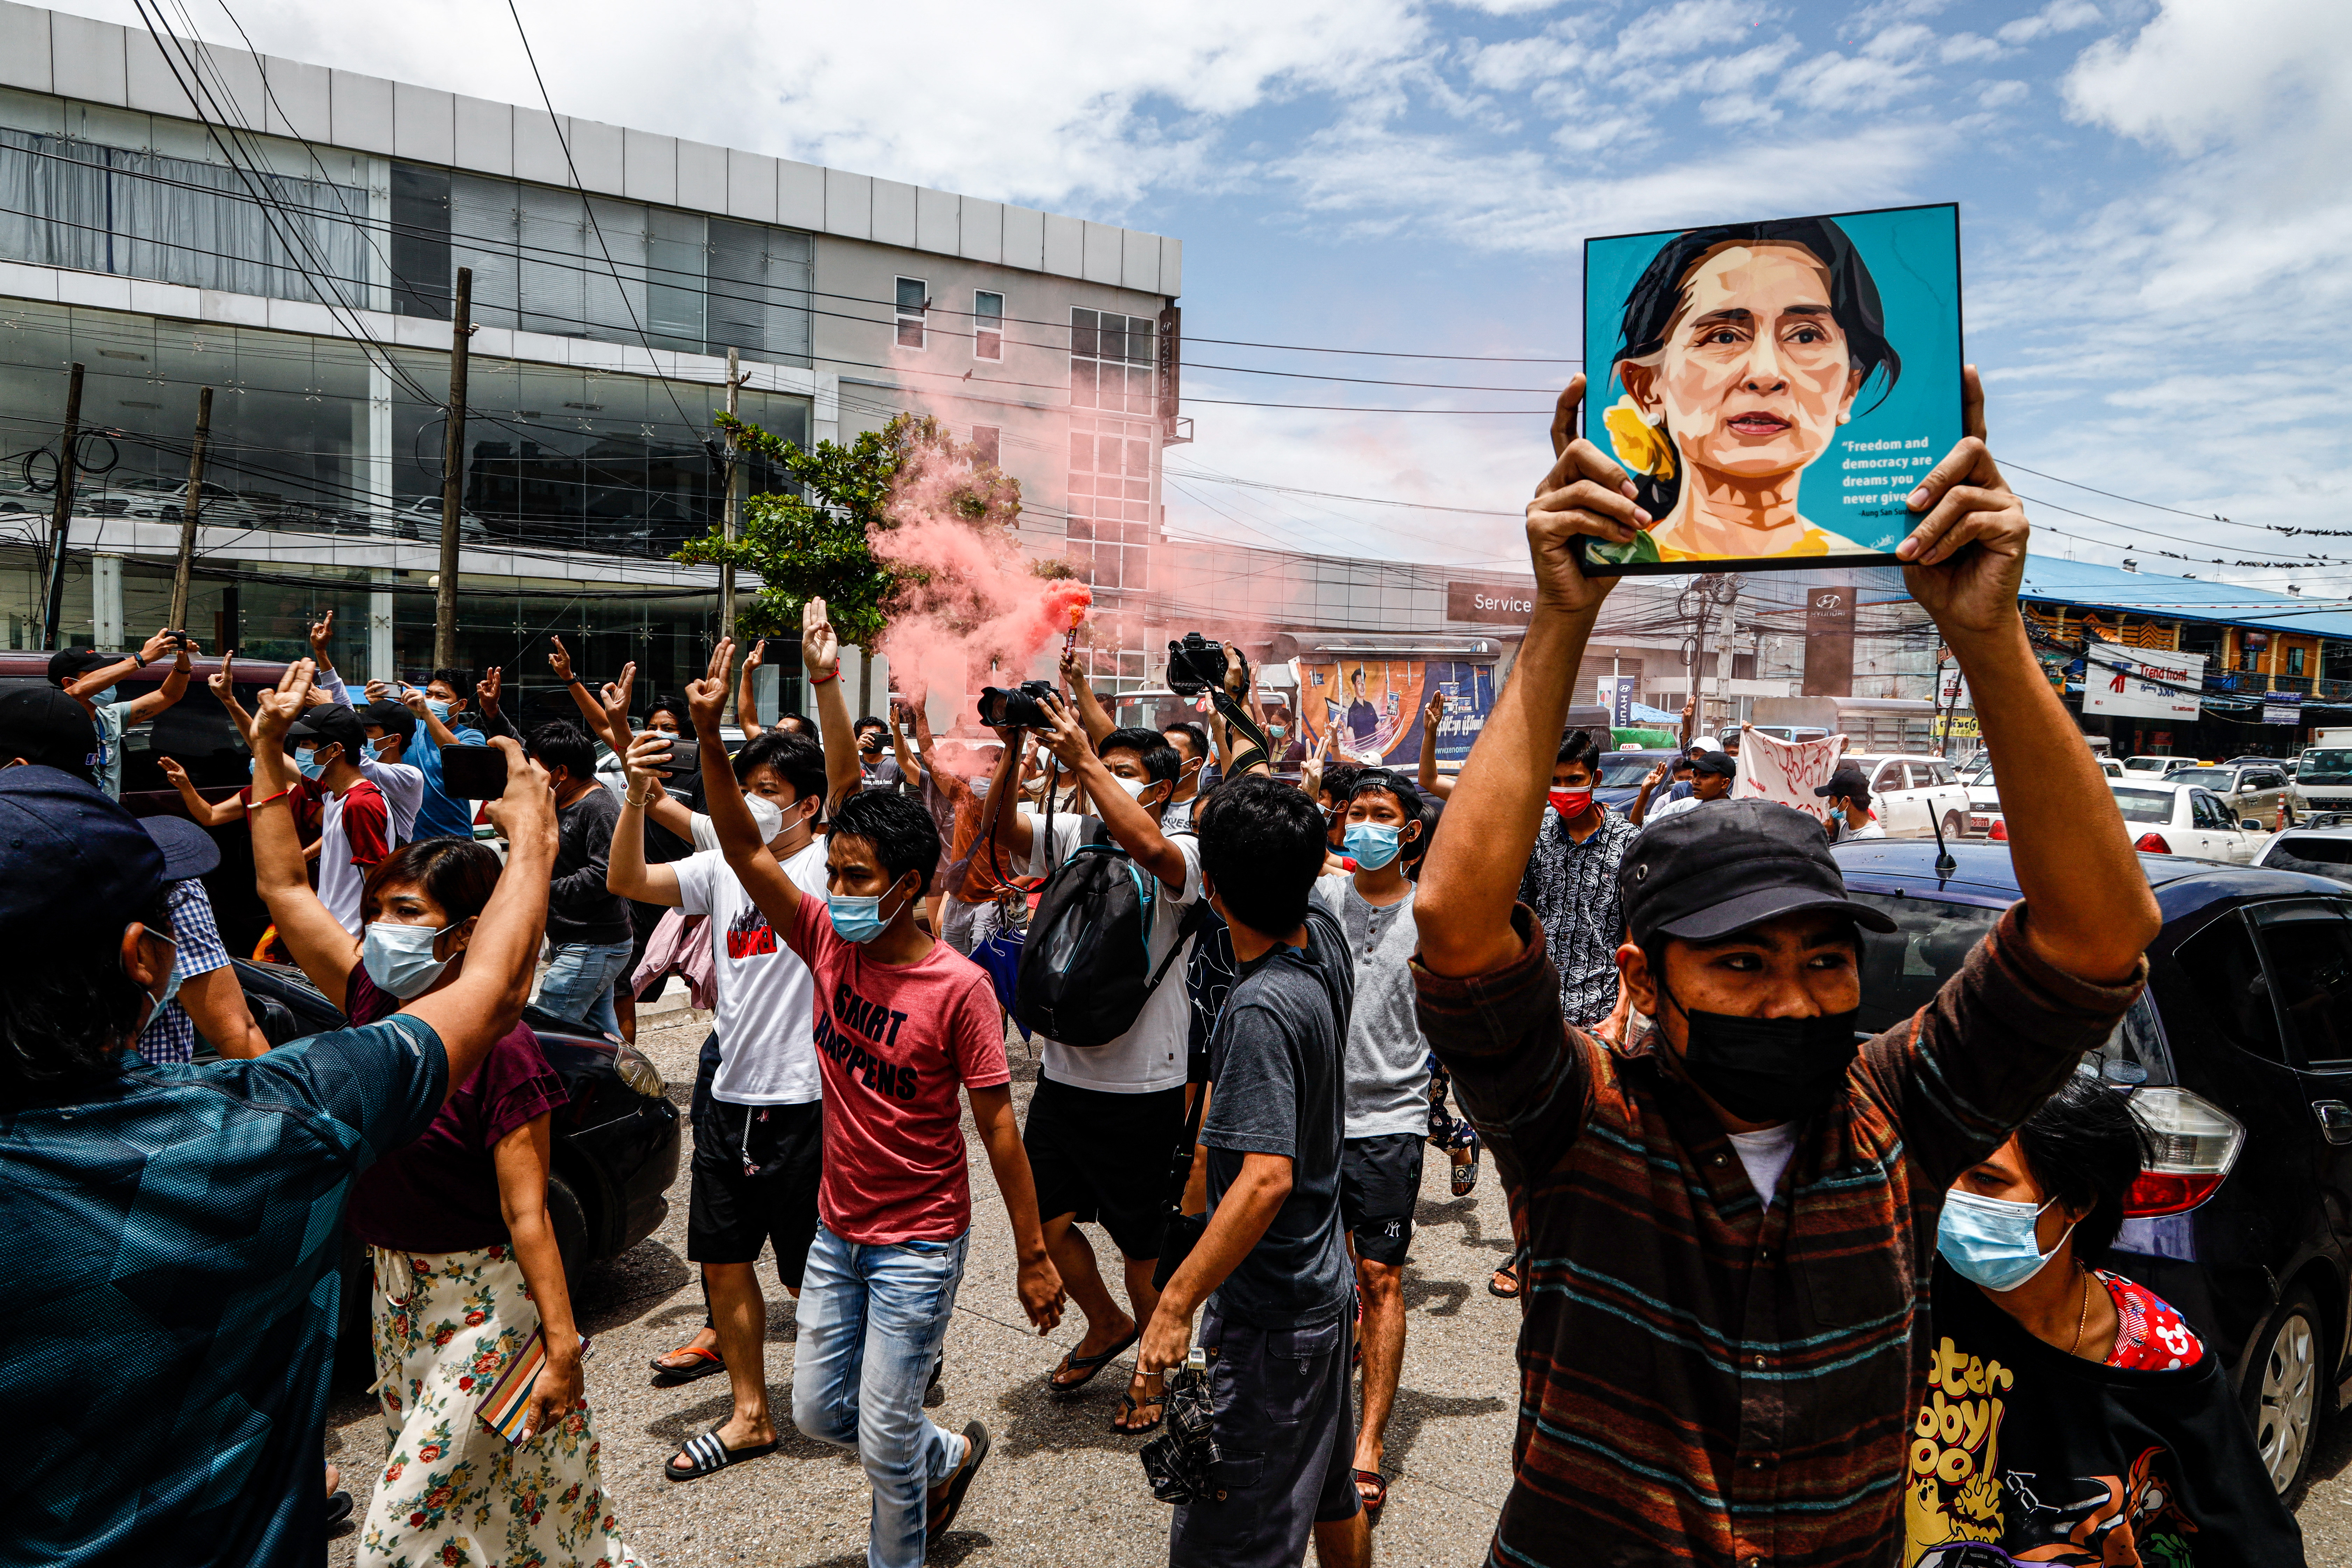 Virággal a hajukban tüntettek a burmaiak Aung Szan Szú Kjí születésnapján